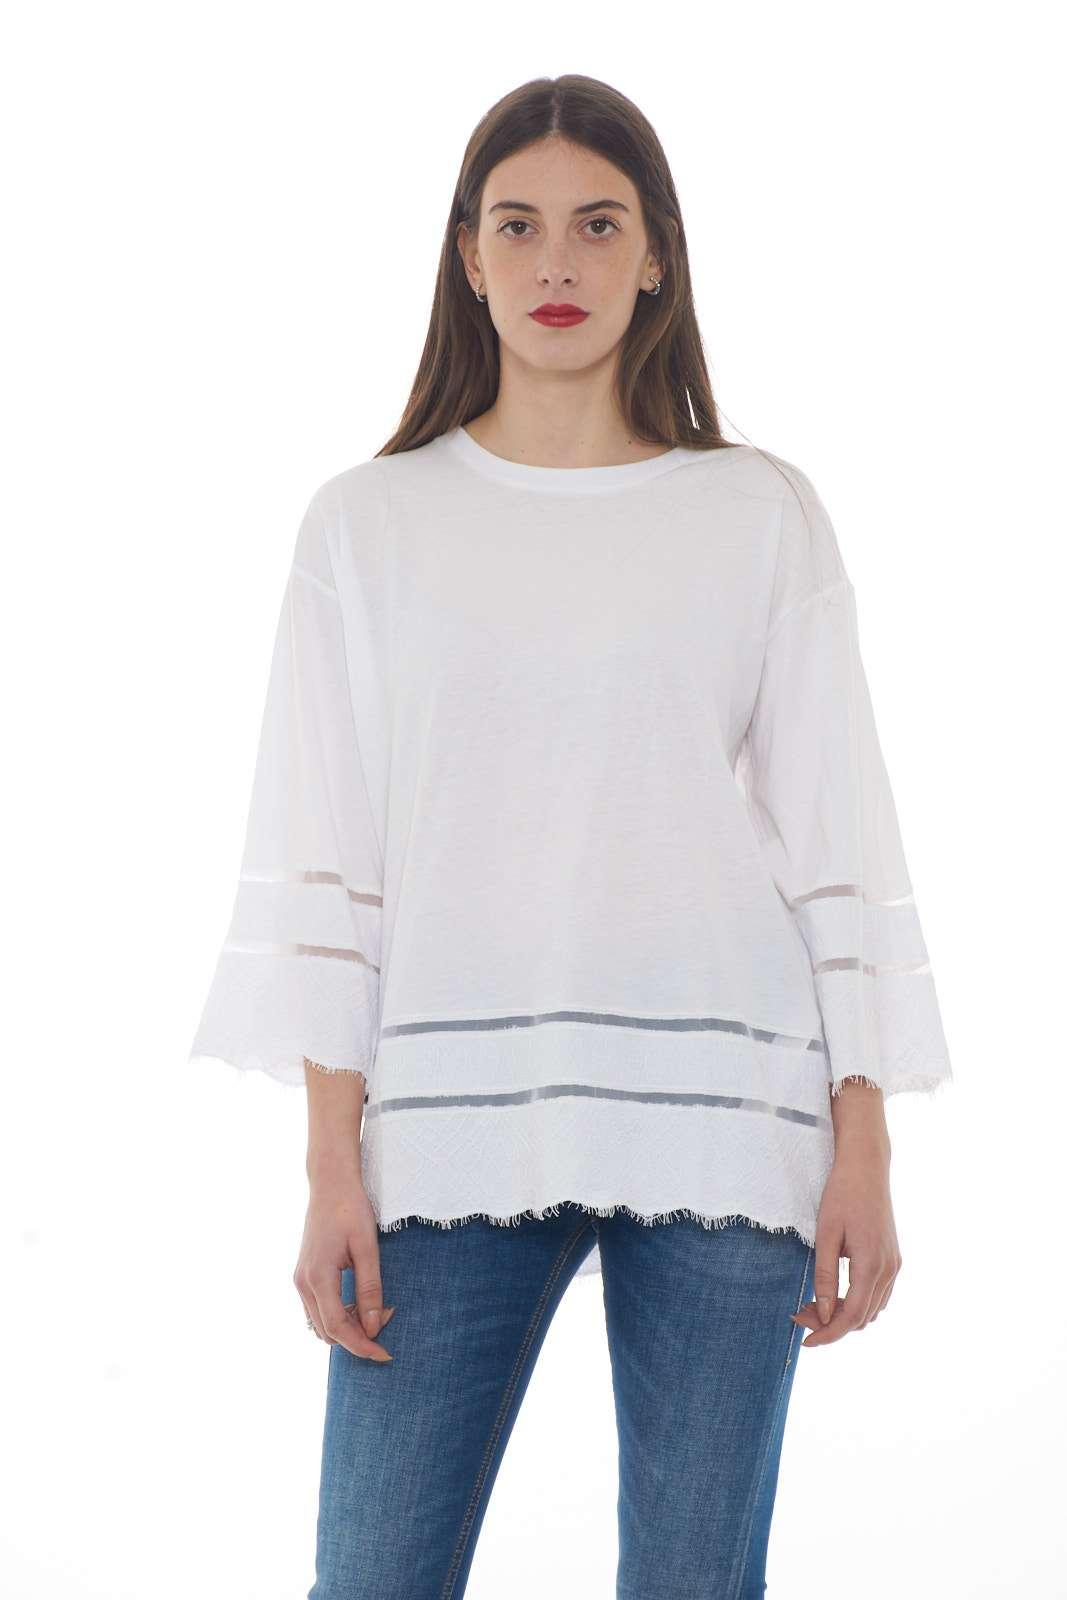 Una T shirt dalle sembianze di una felpa quella proposta per la collezione donna Twinset milano. I dettagli in pizzo macramè la rendono unica e dallo stile raffinato. Un must have da indossare sia con jeans che con pantaloni per rendere unico ogni look.